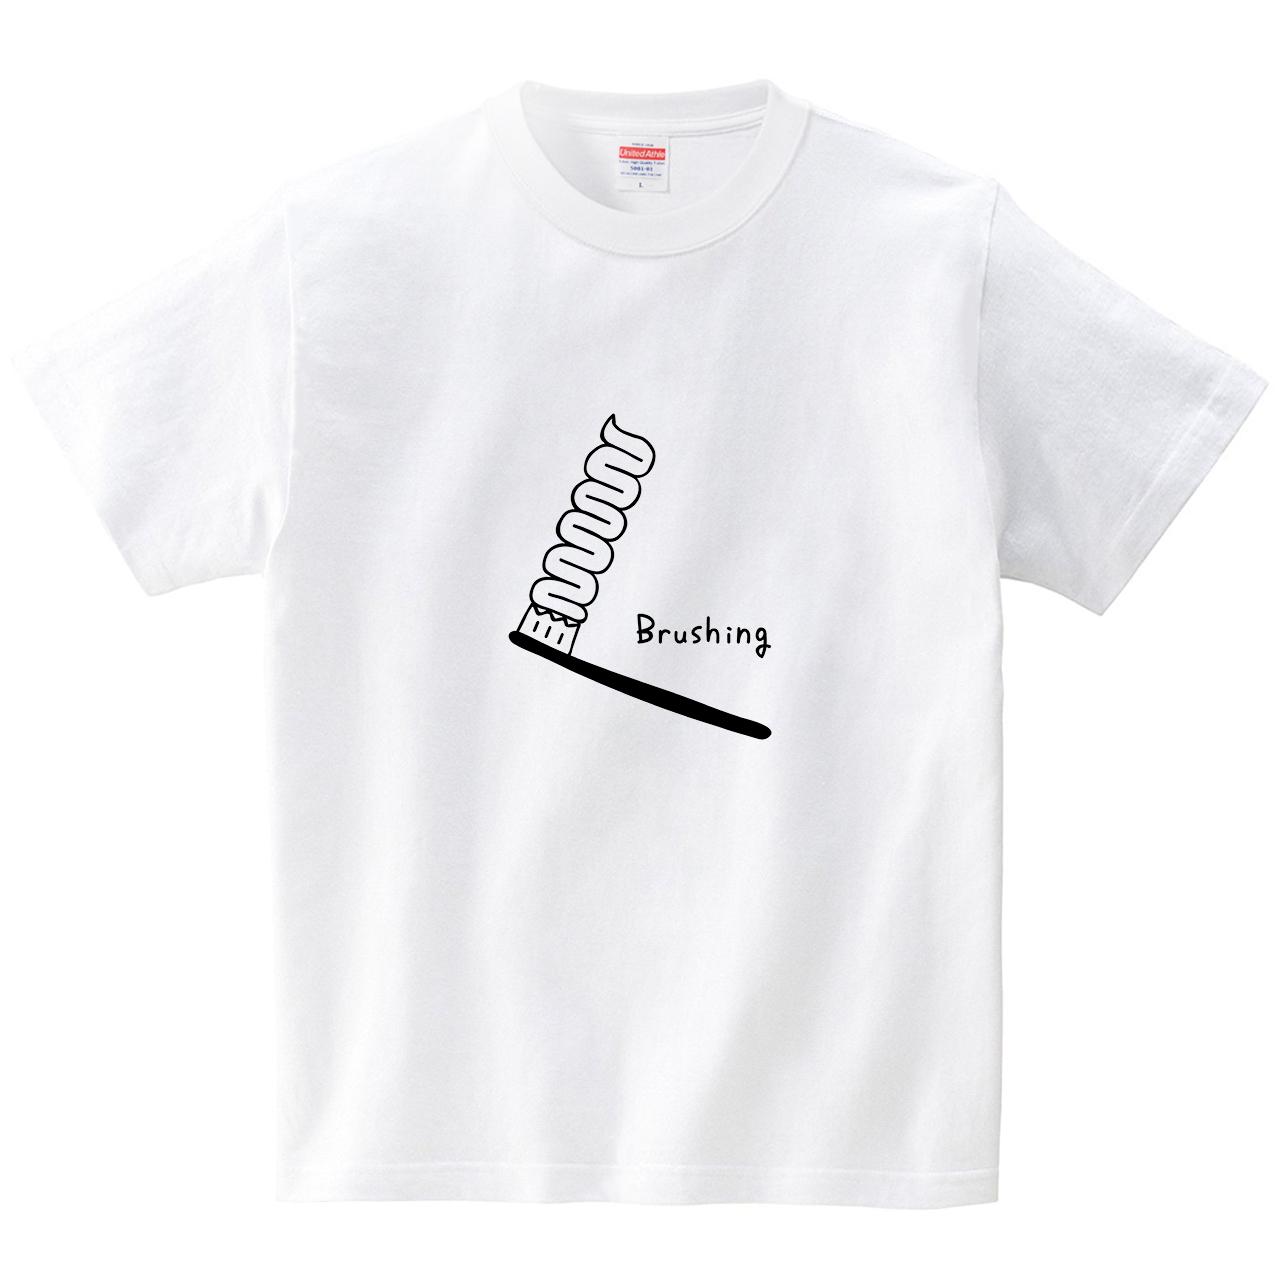 歯磨き粉を盛る(Tシャツ・ホワイト)(オワリ)